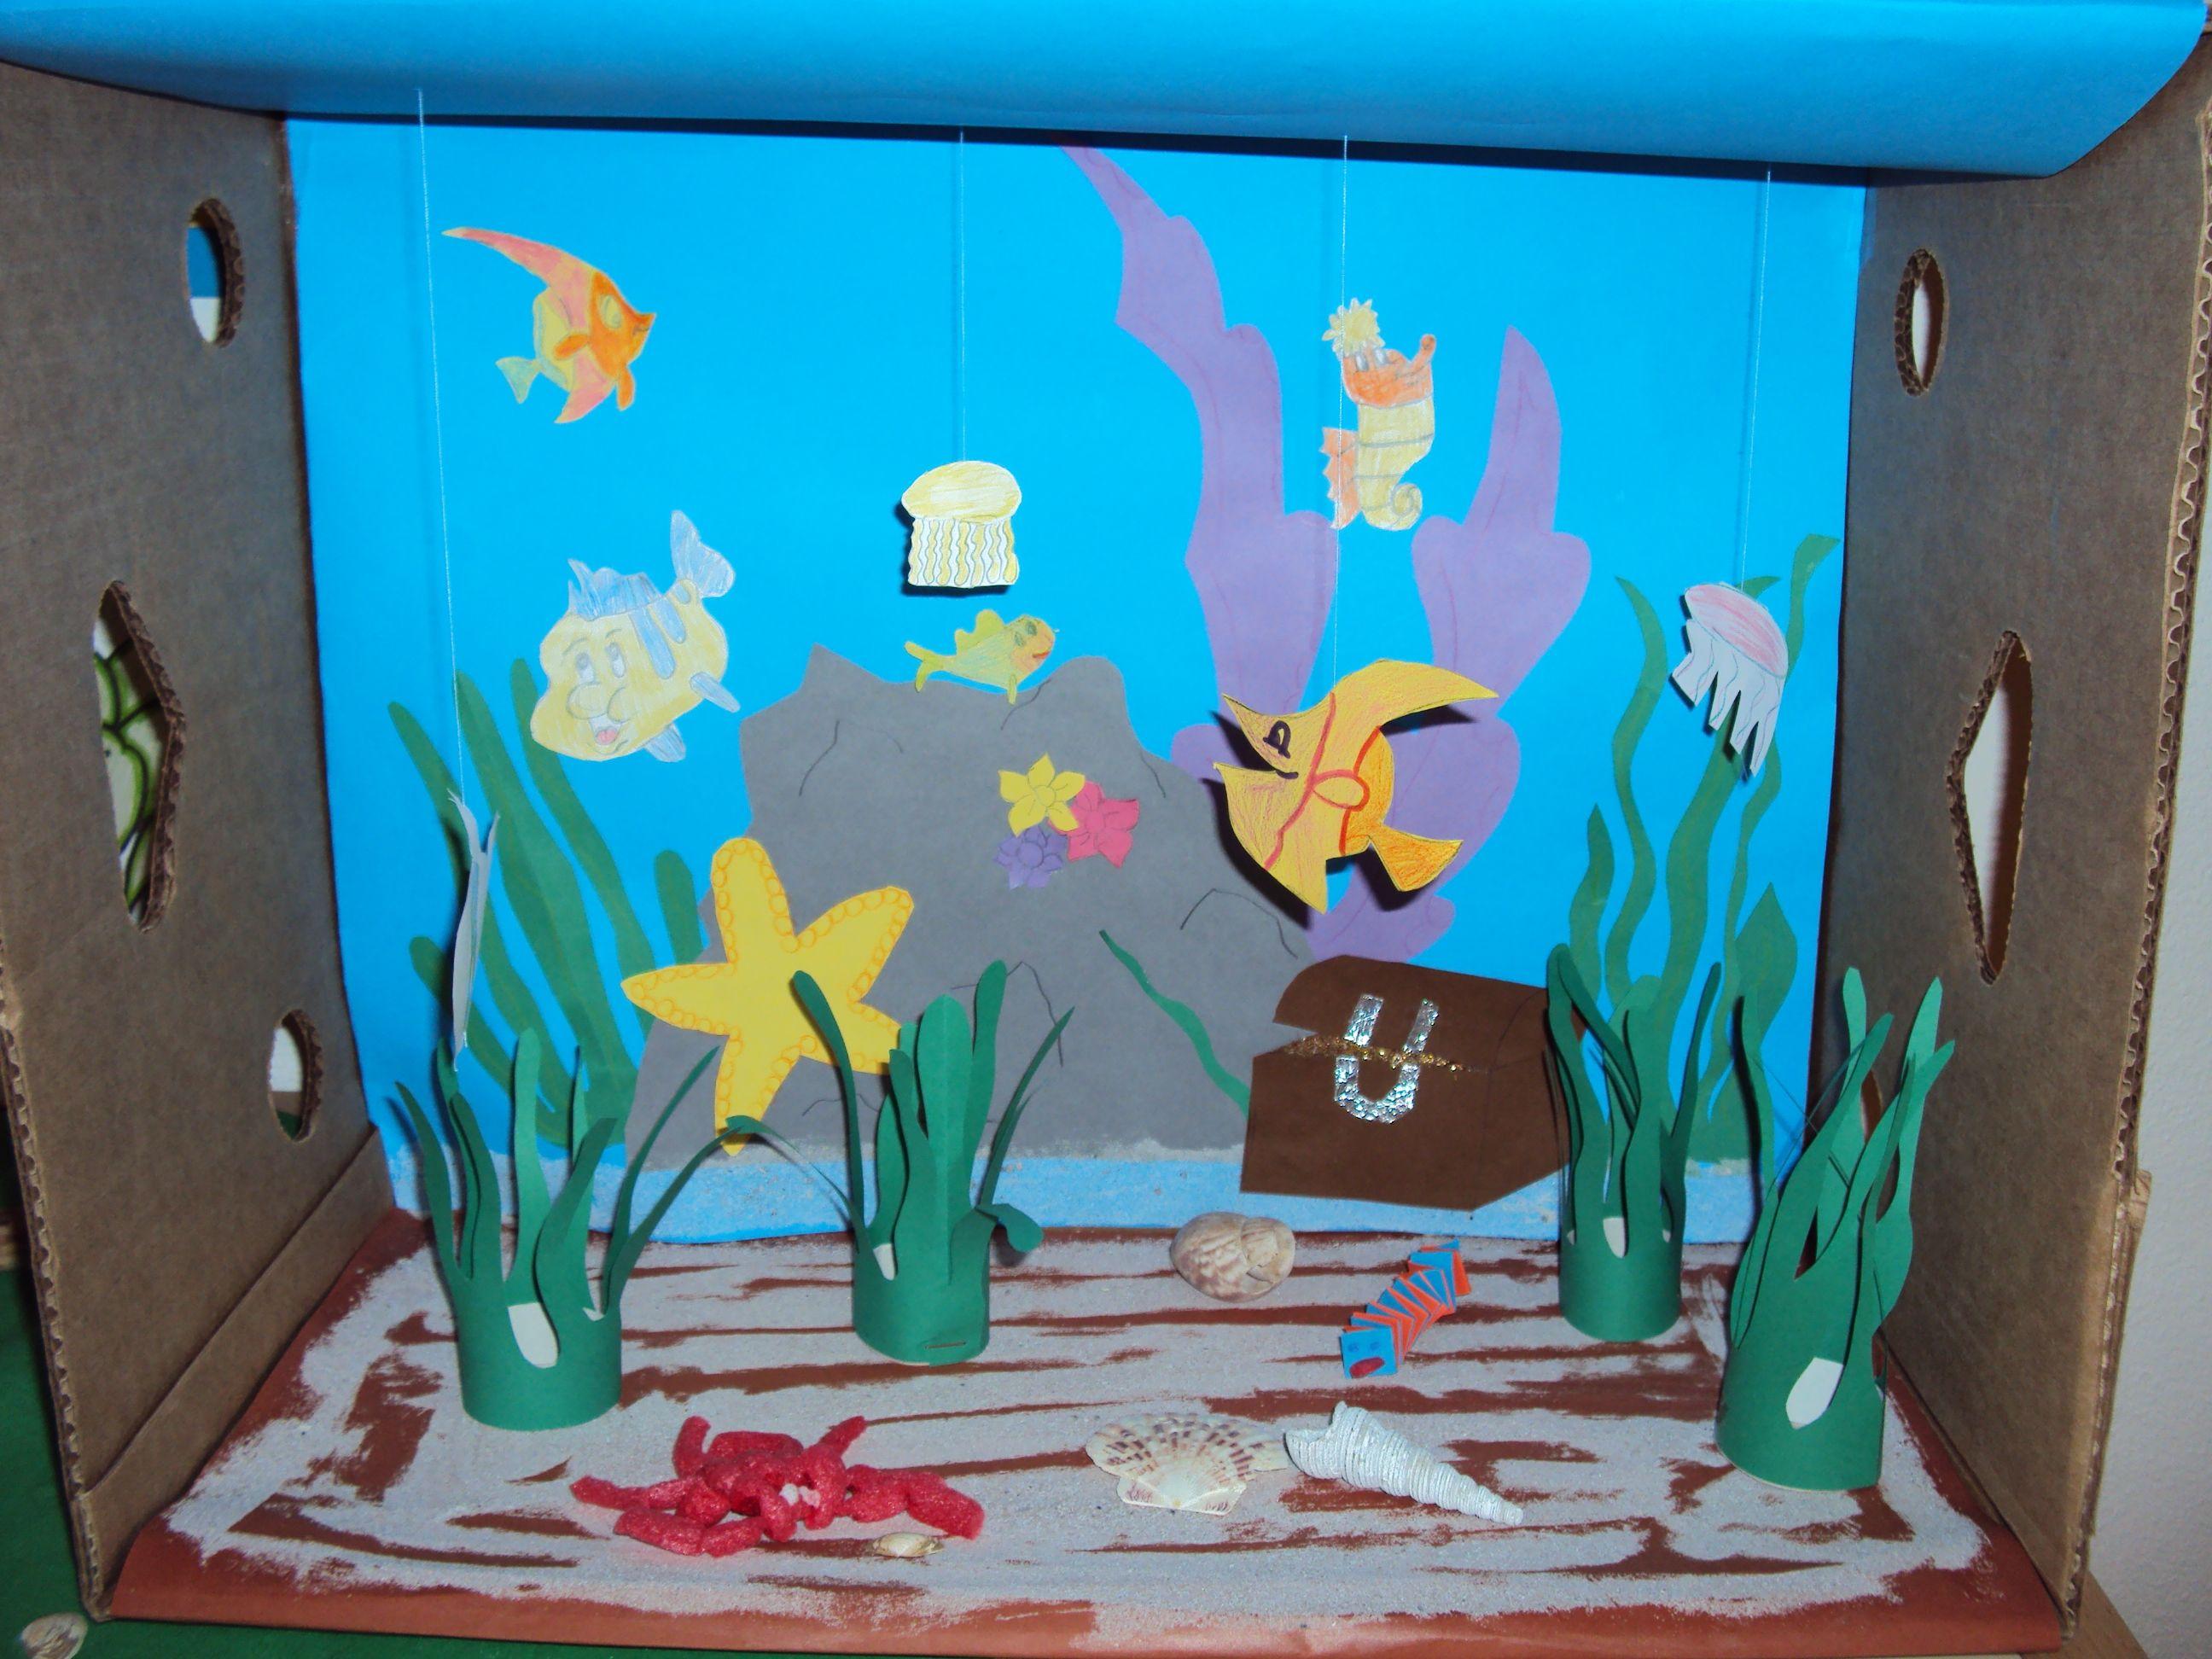 Diep in de zee!! Leuke kijkdoos   Thema  Onderwater wereld   Pinterest   Water, School and Craft